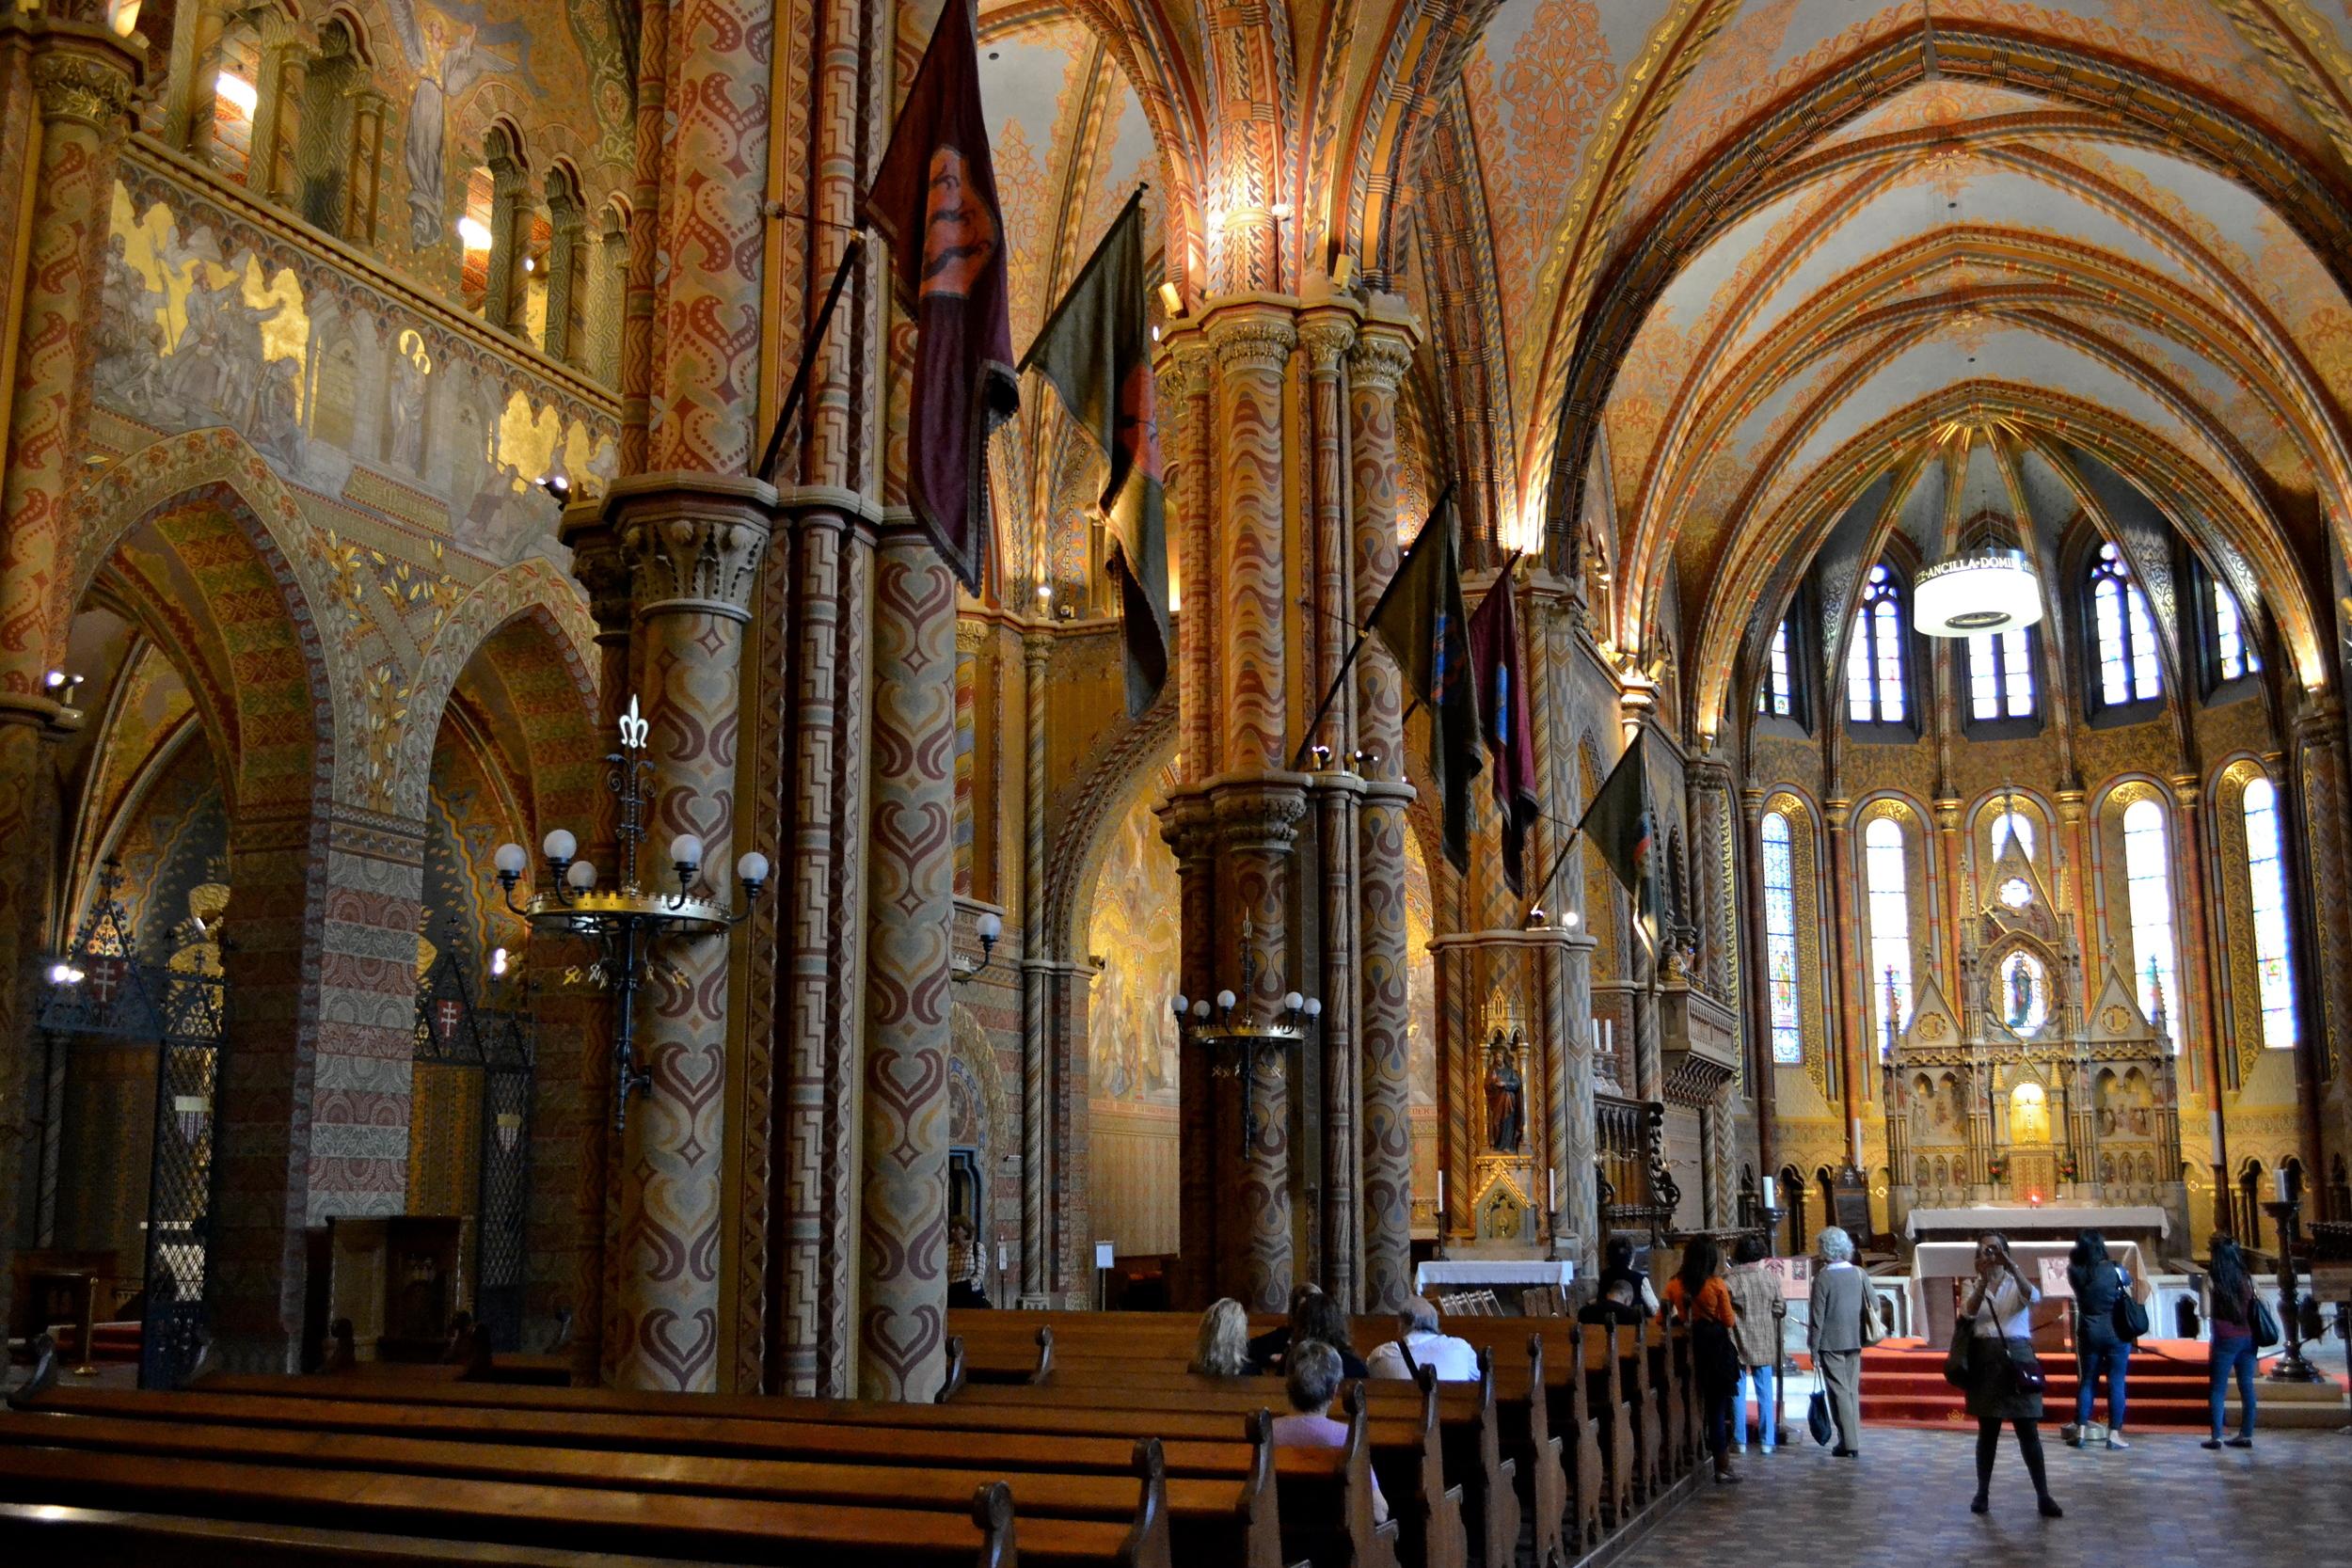 Inside the Matthias Church.